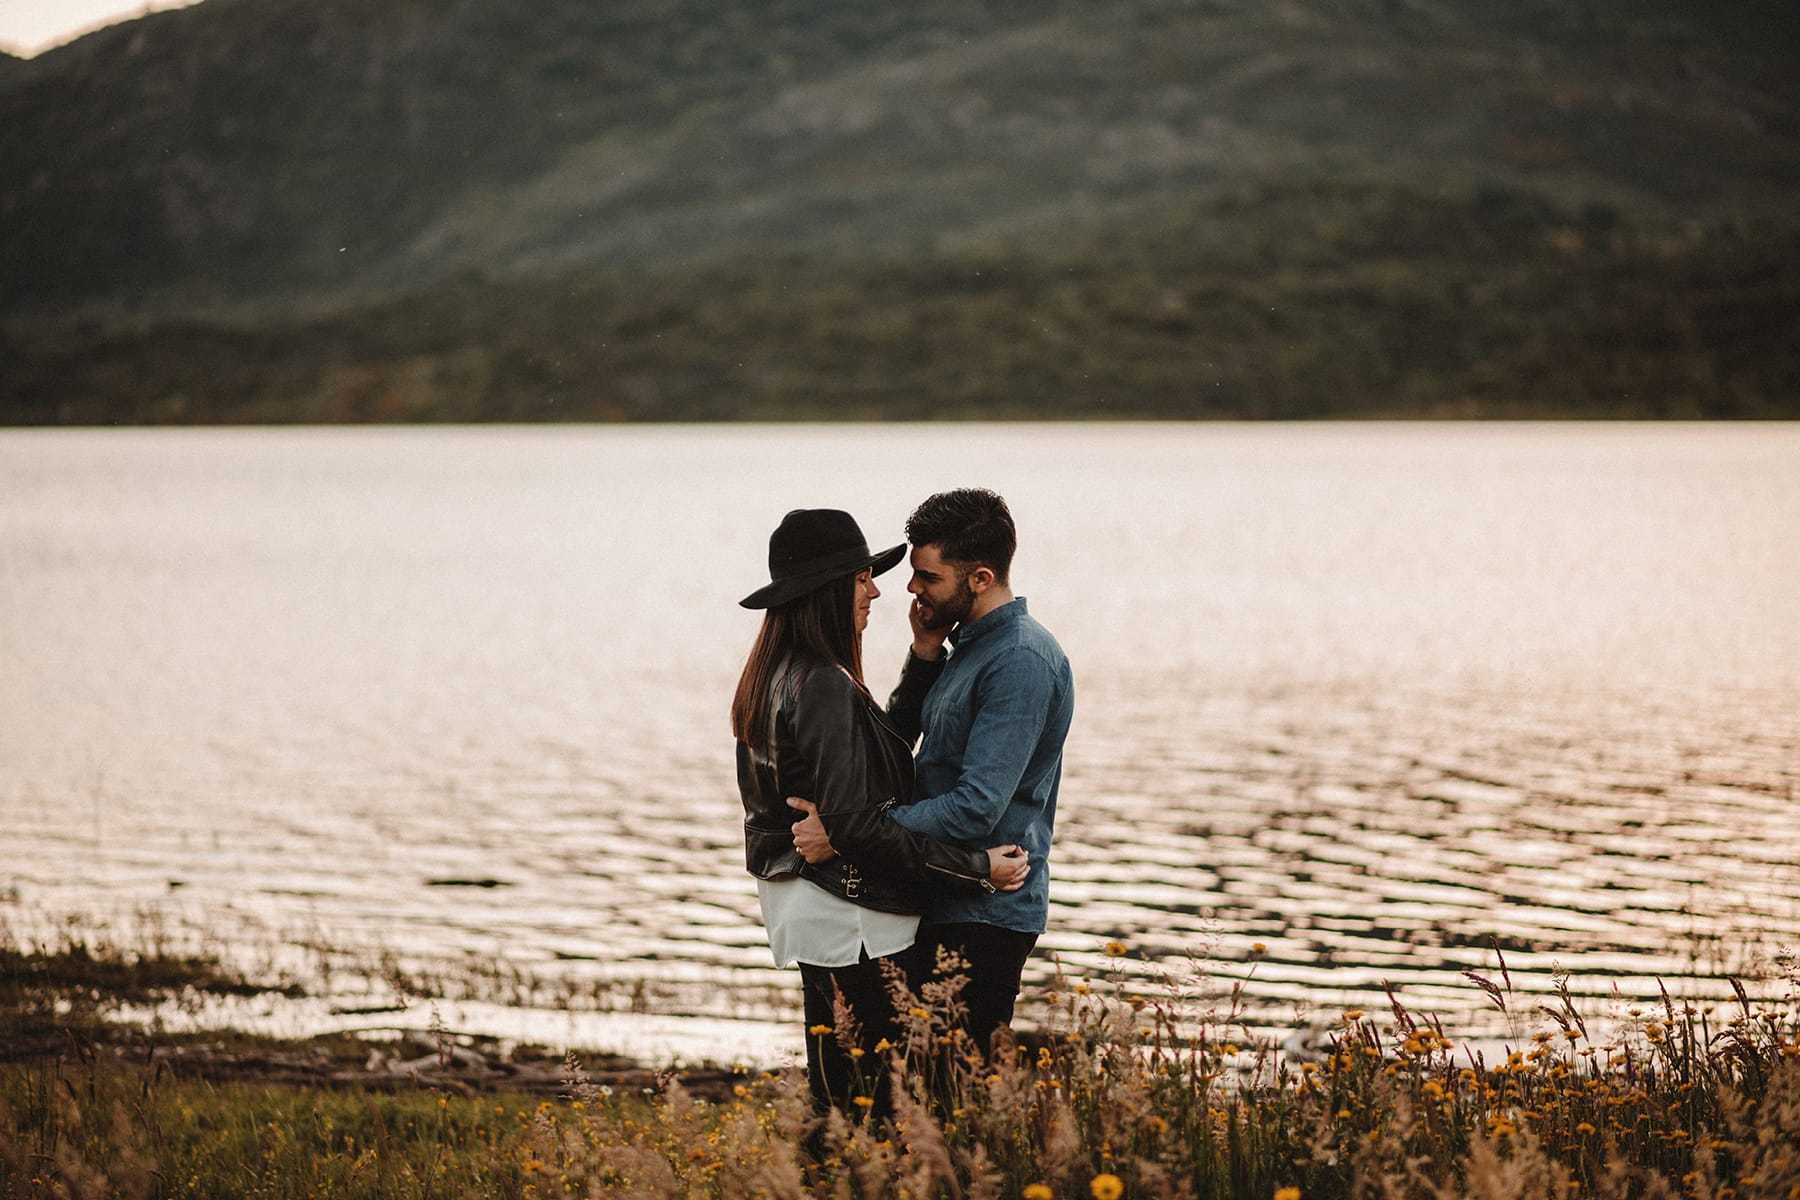 fotos_romanticas_hilario_sanchez_fotografo_boda_toledo_080